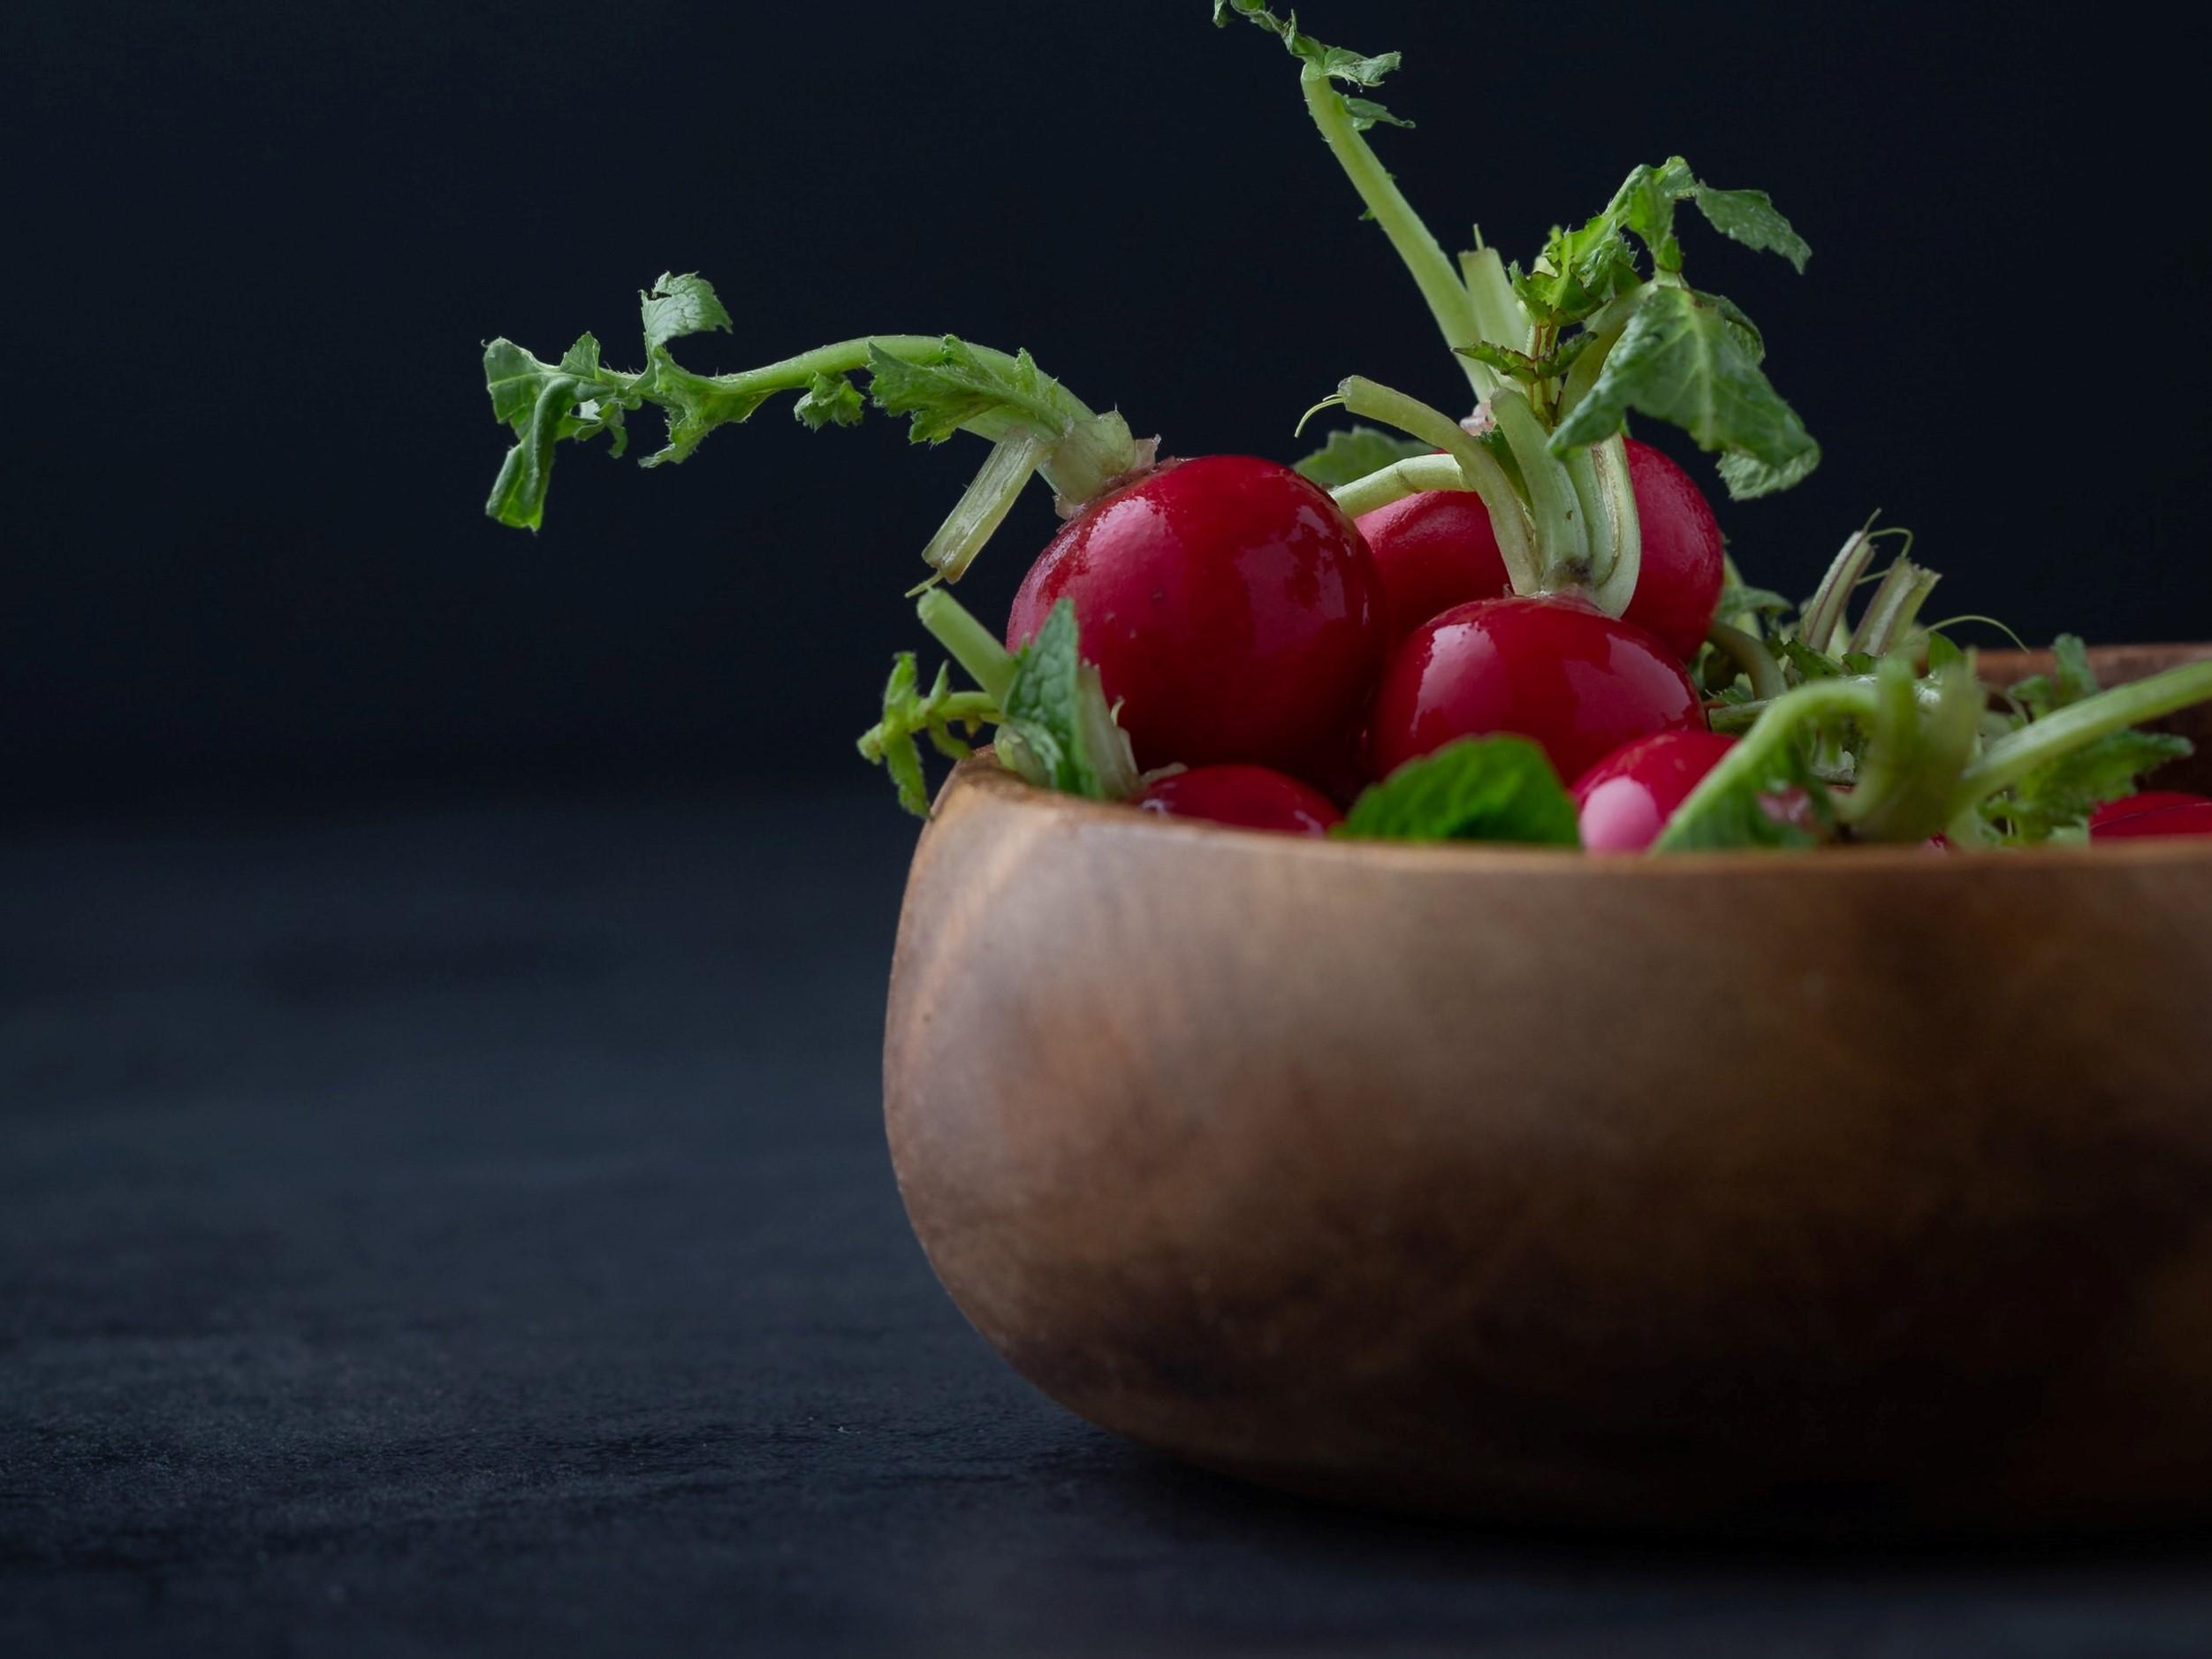 warzywa odrastające z resztek - rzodkiewka, buraki, rzepa resztki warzyw